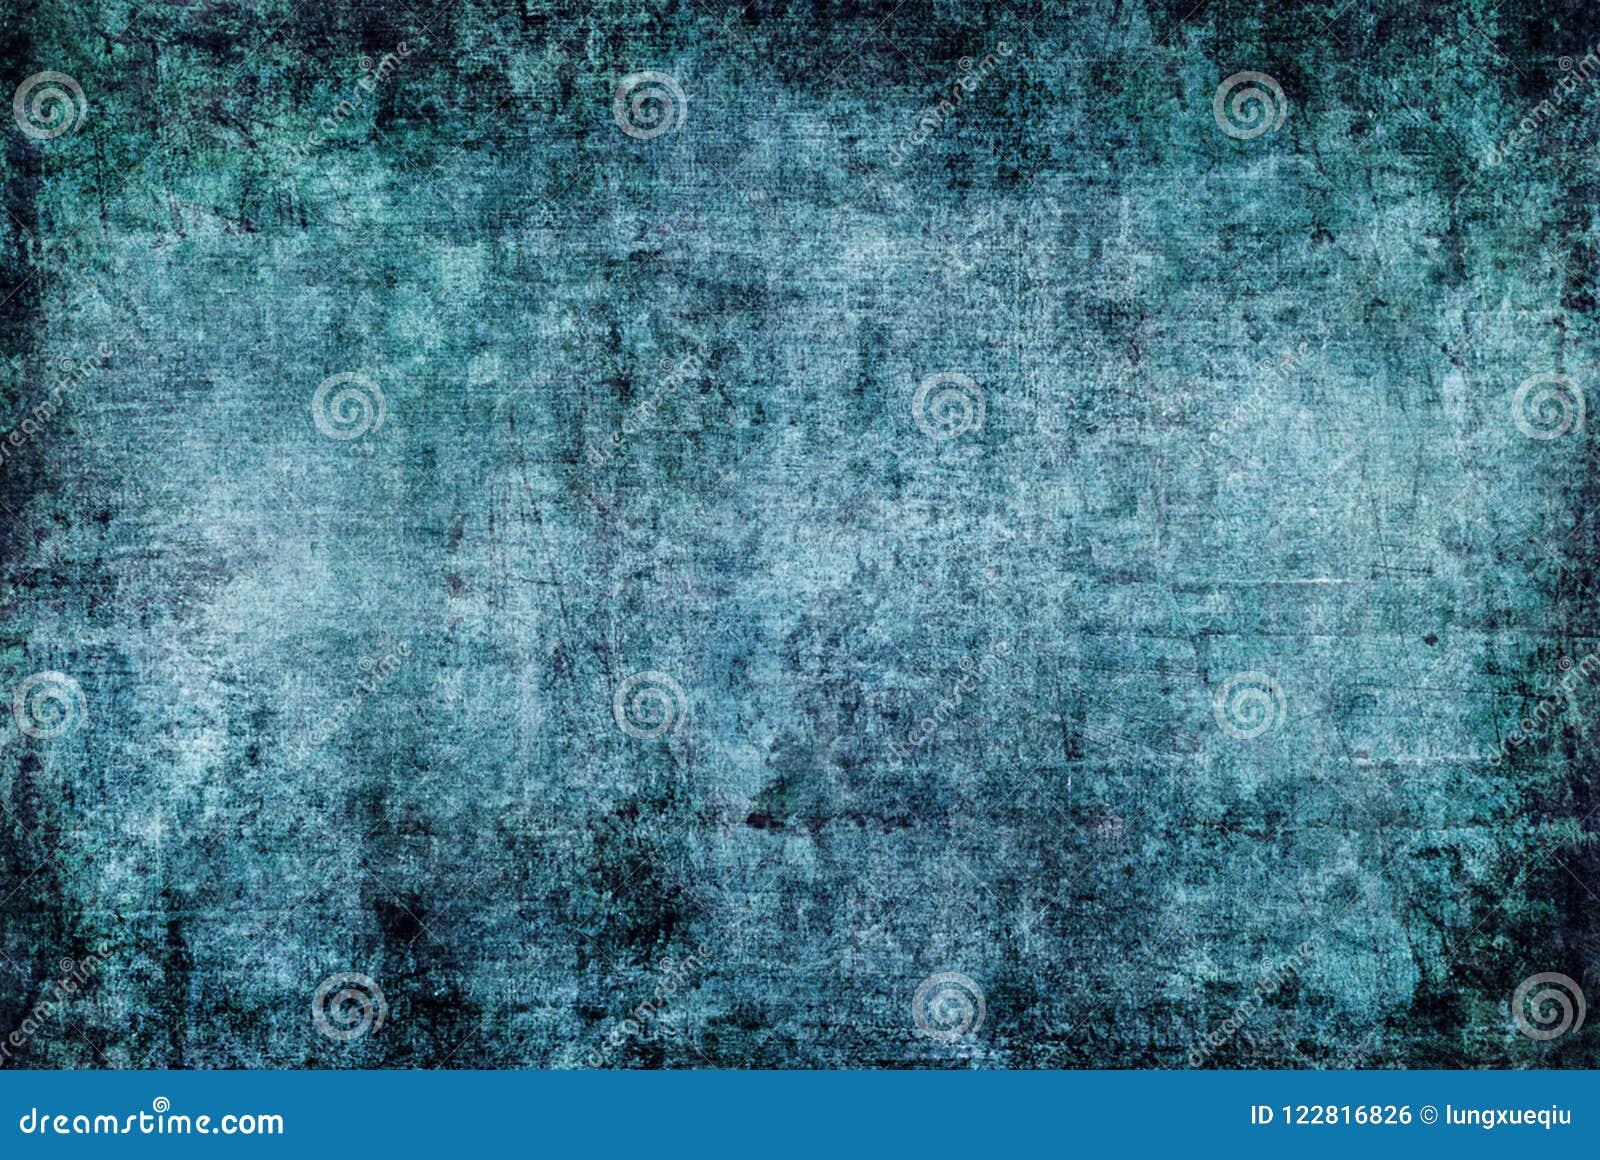 Donkere Samenvatting die Blauwgroene Grunge Rusty Distorted Decay Old Texture voor Autumn Background Wallpaper schilderen